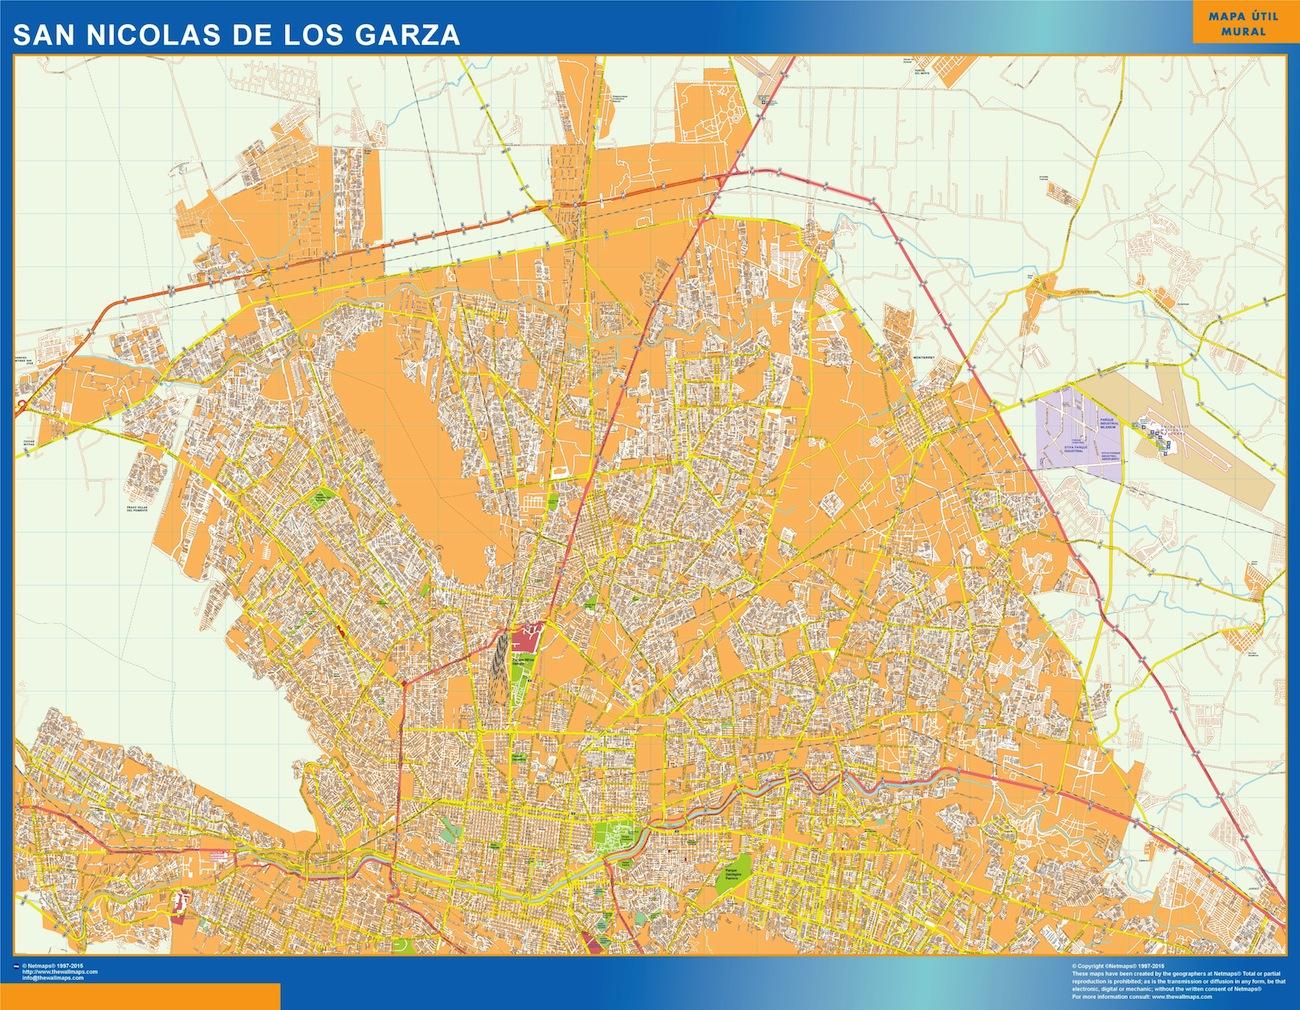 Mapa San Nicolás de los Garza